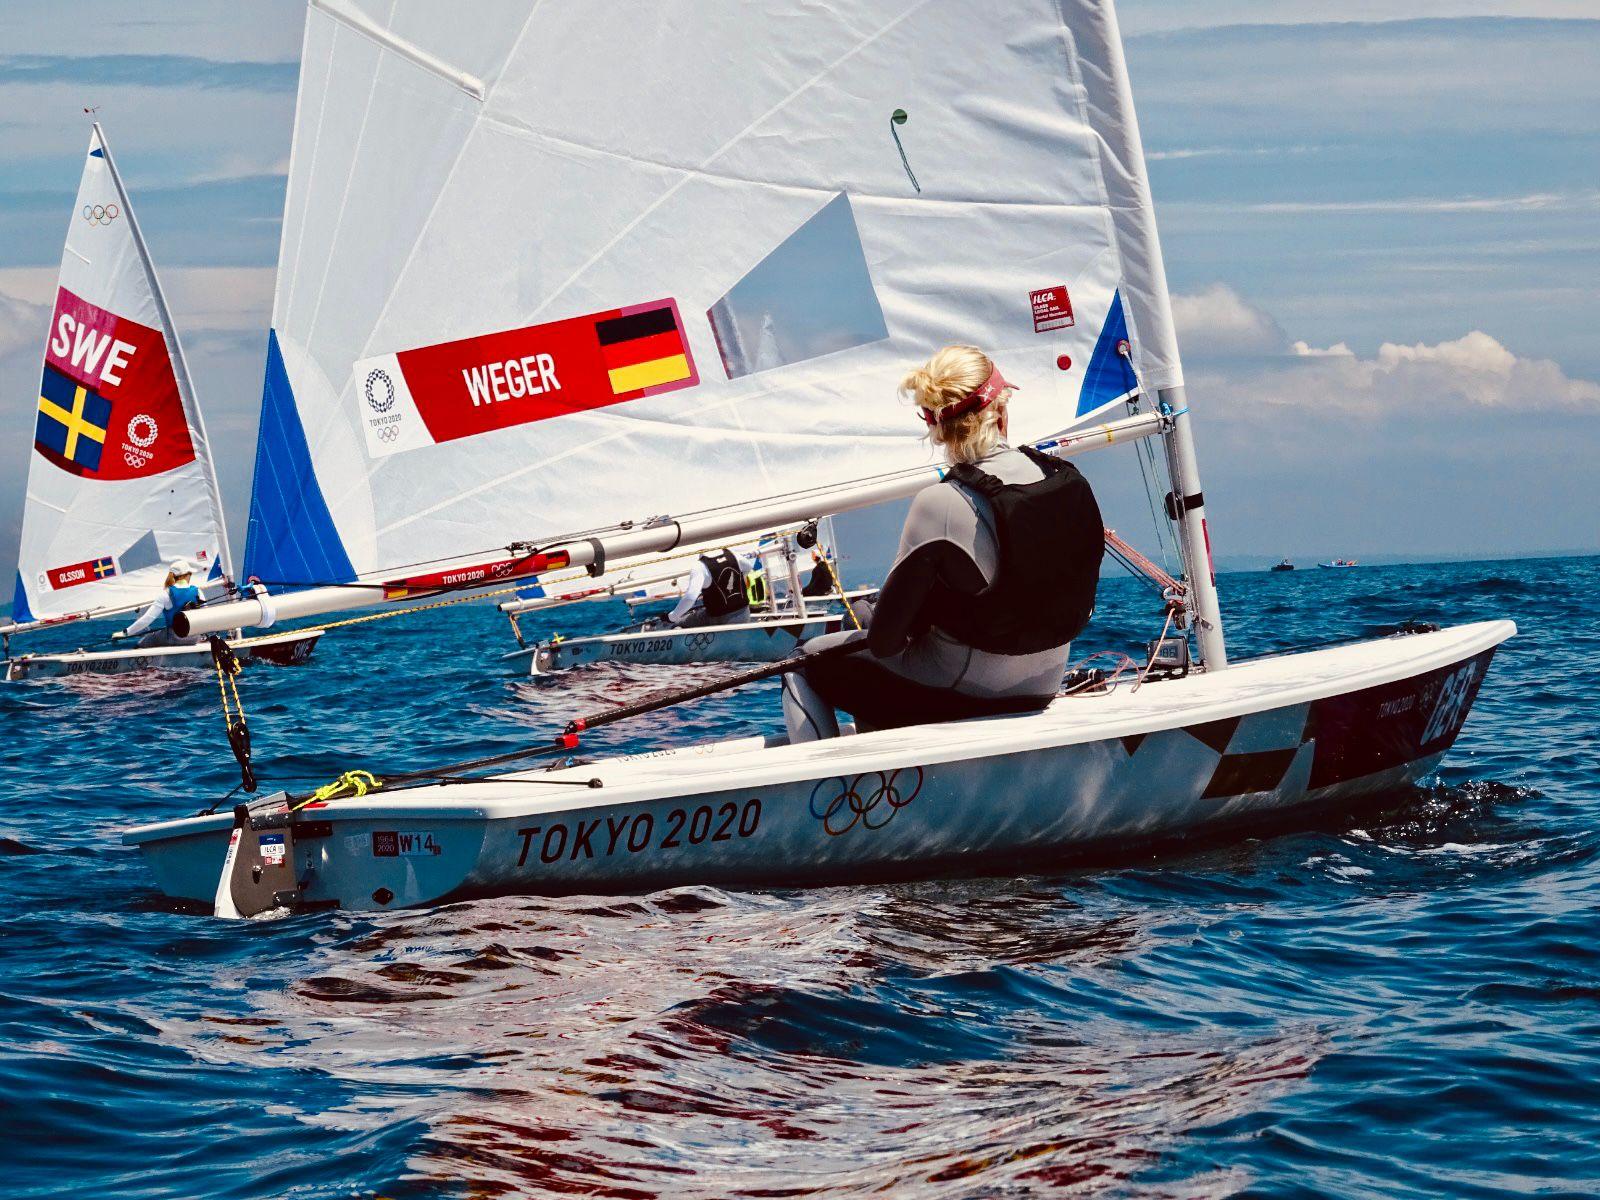 Svenja Weger Training Enoshima